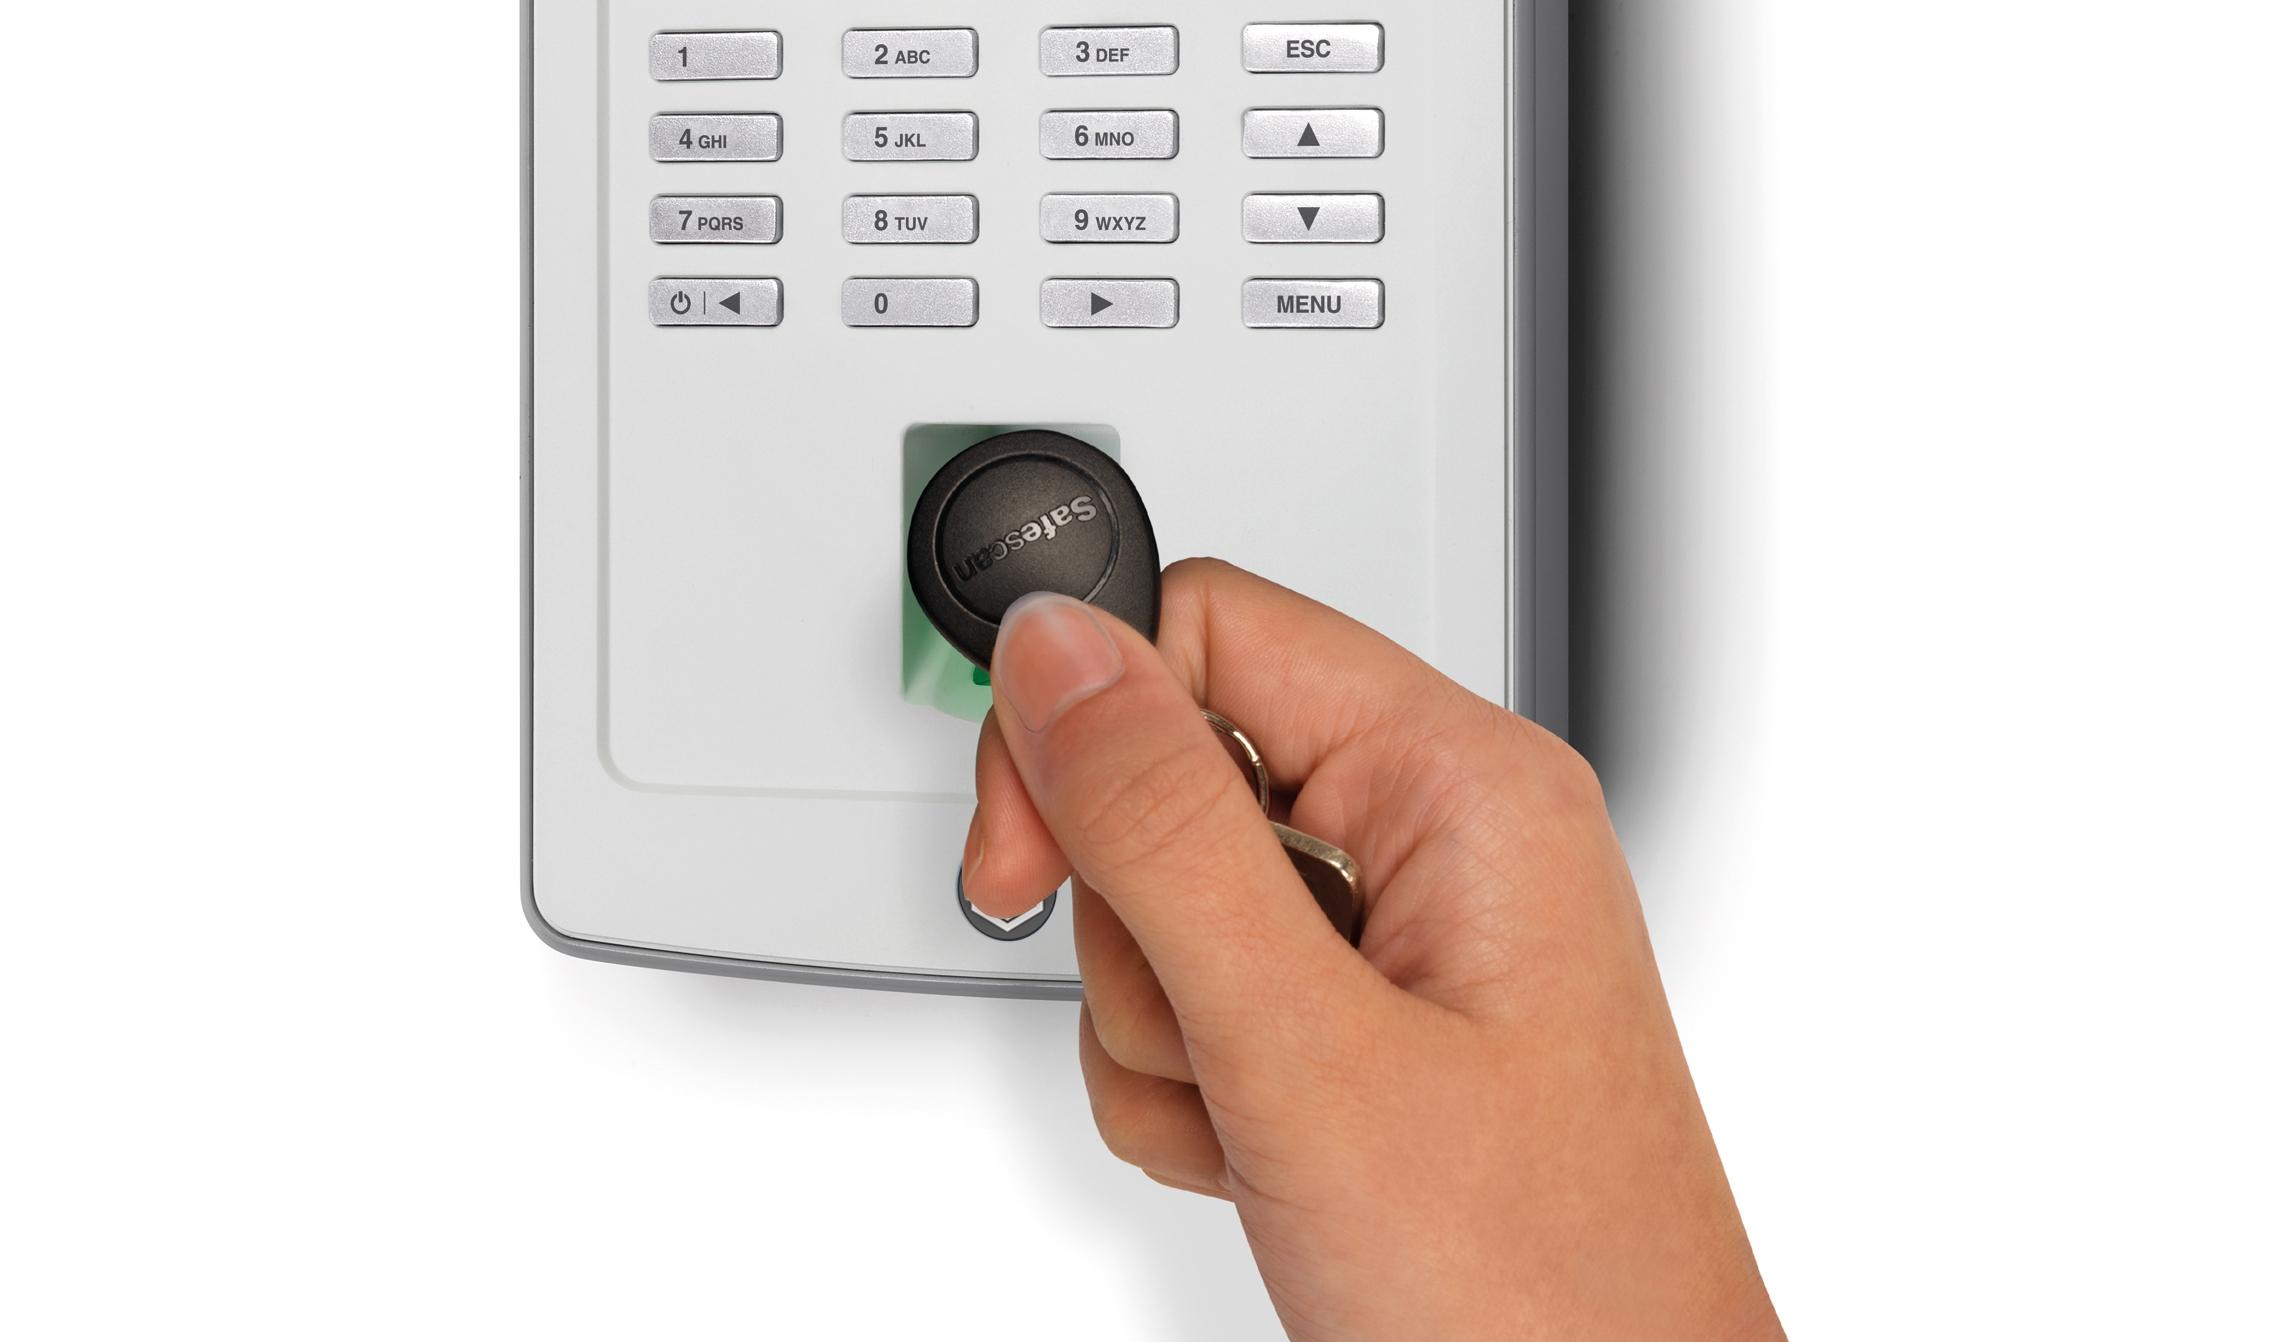 safescan-rf-100-proximity-key-fob